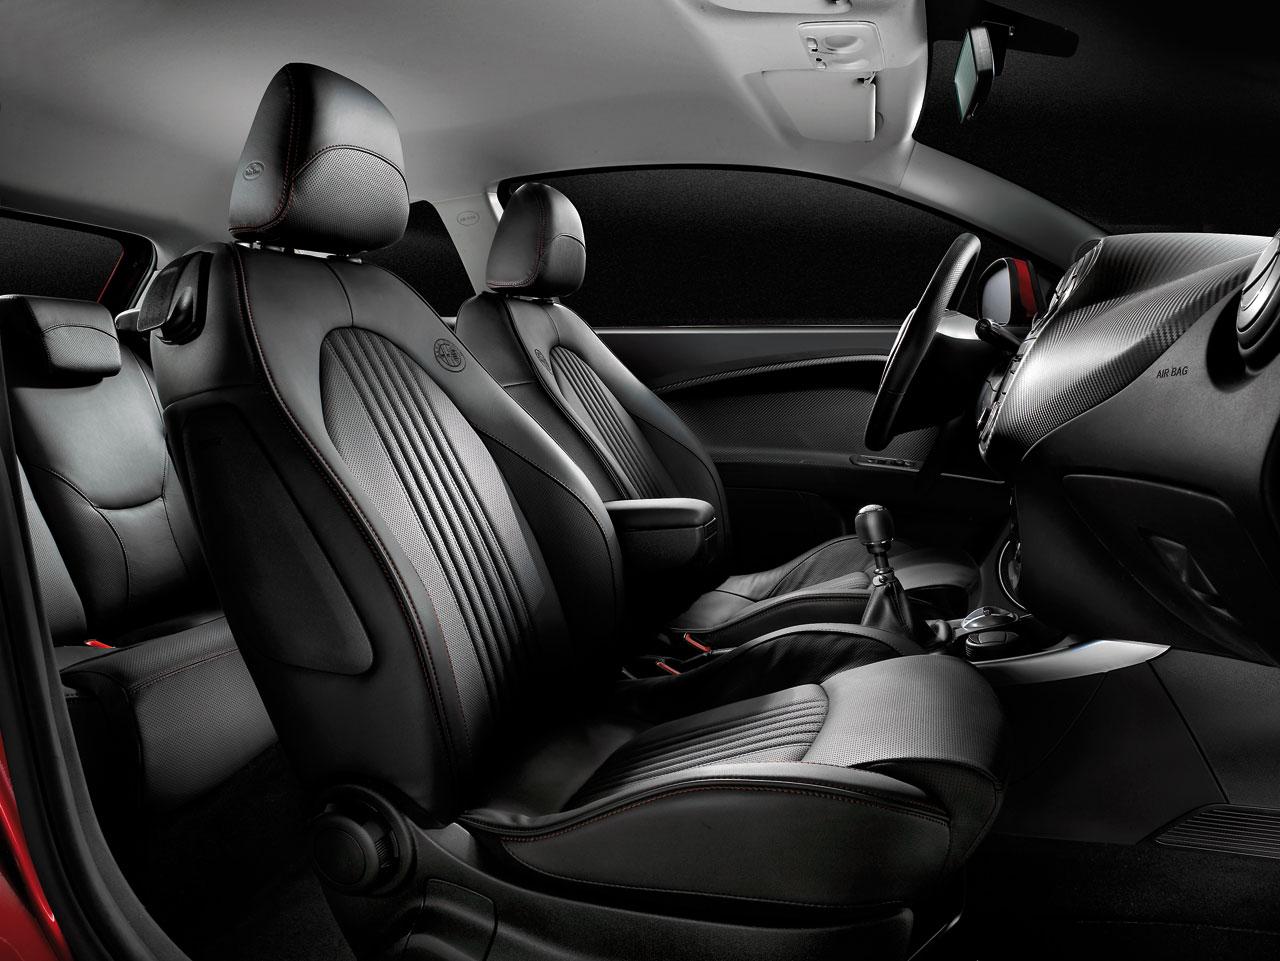 Alfa Romeo Mito Interior - Car Body Design